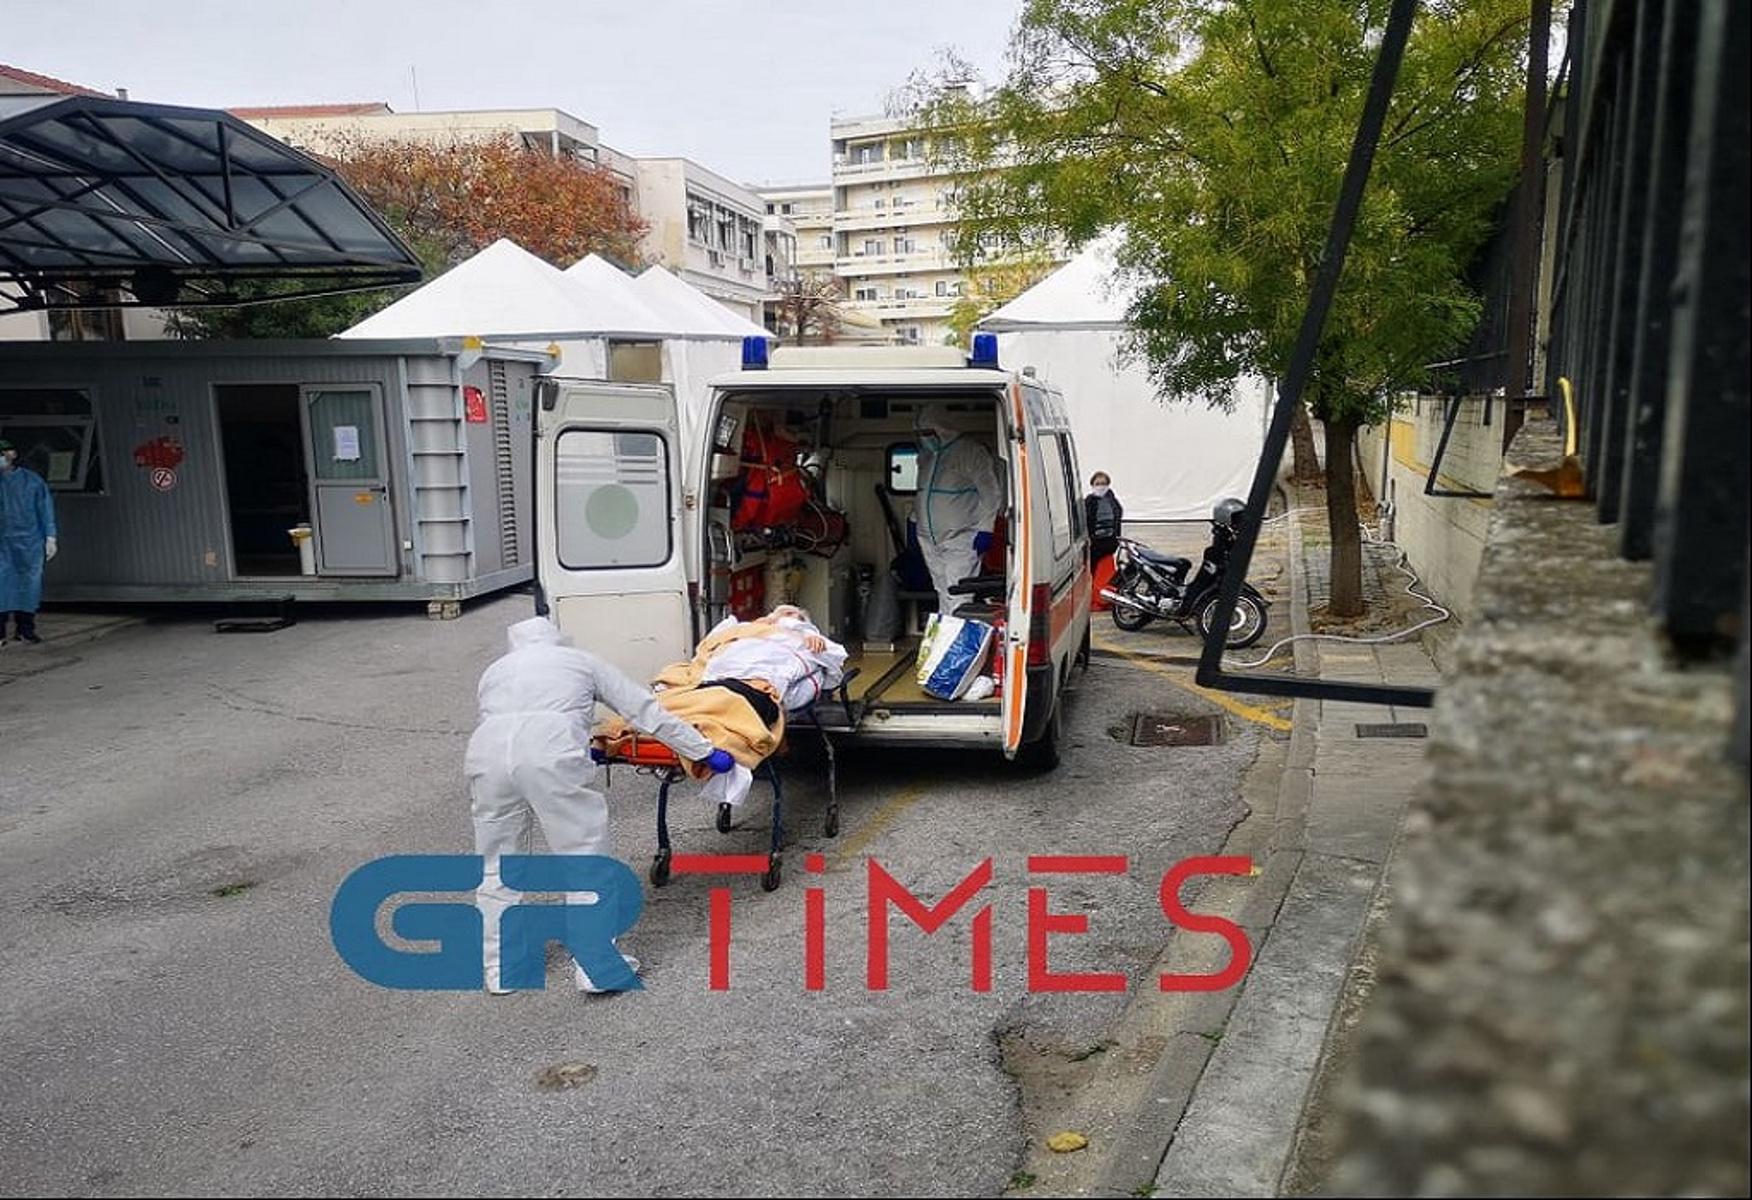 Θεσσαλονίκη: Εκτοξεύθηκαν οι εισαγωγές στο Ιπποκράτειο – Άνοιξαν πάλι οι ΜΕΘ covid